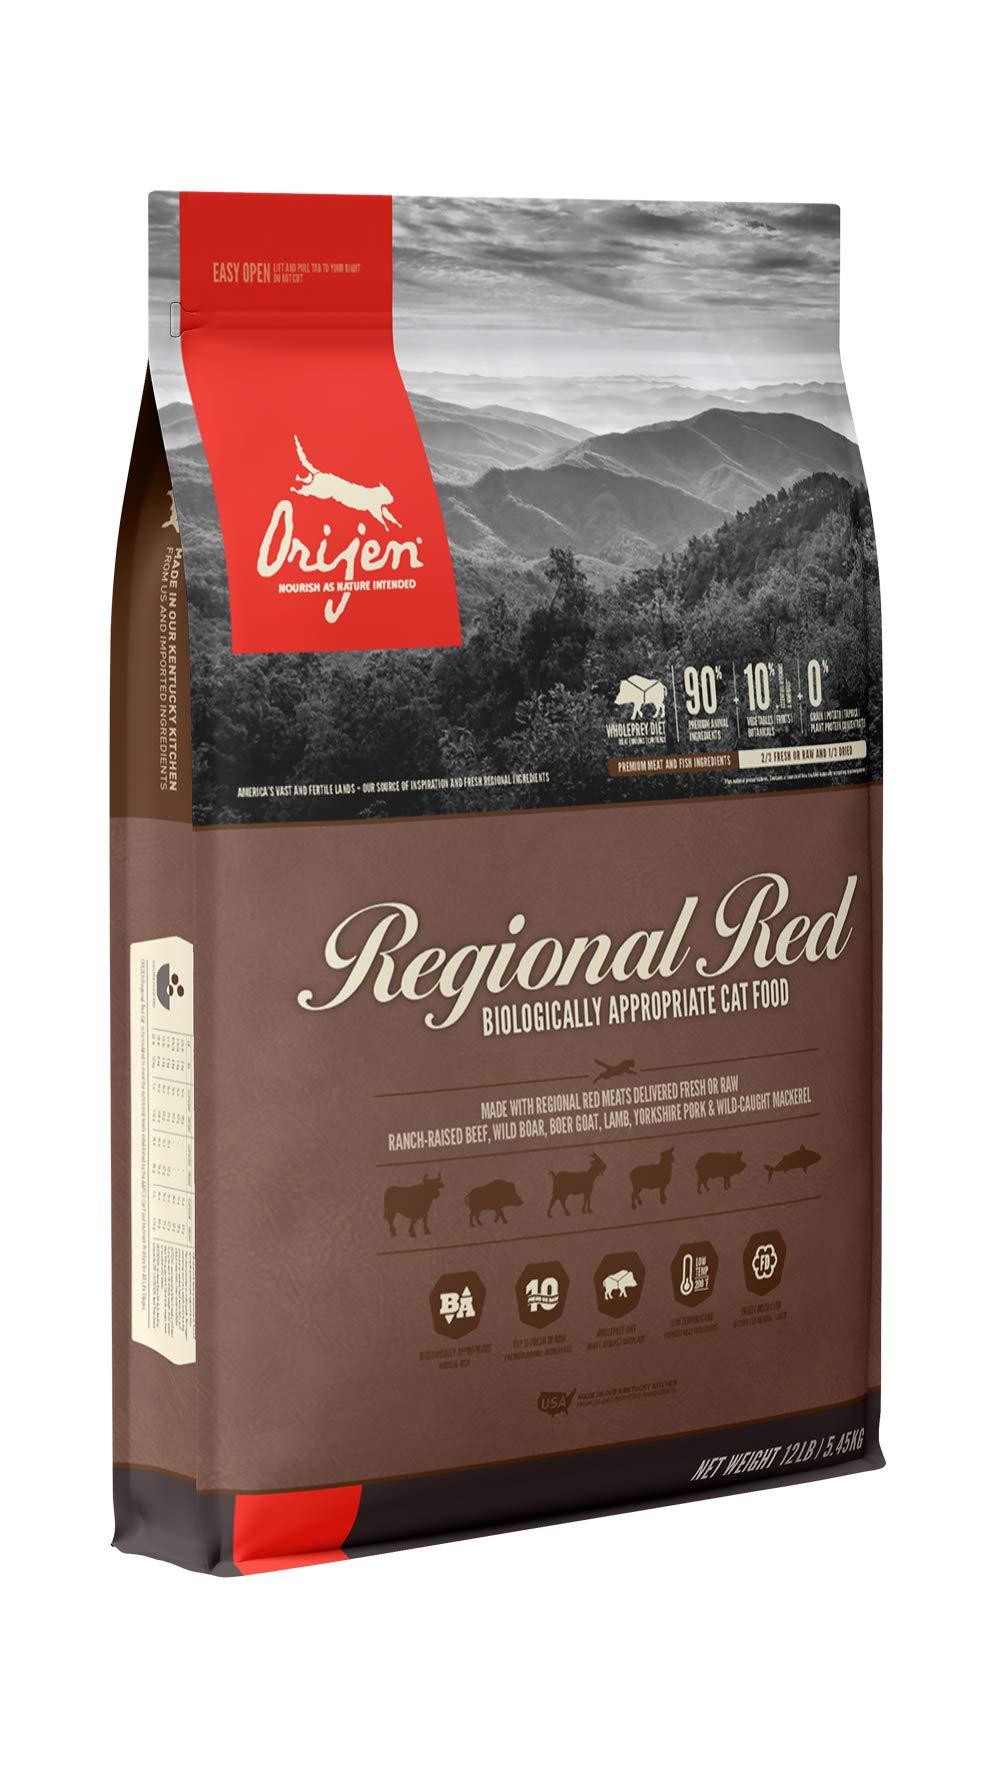 ORIJEN Dry Cat Food, Regional Red, Biologically Appropriate & Grain Free by Orijen